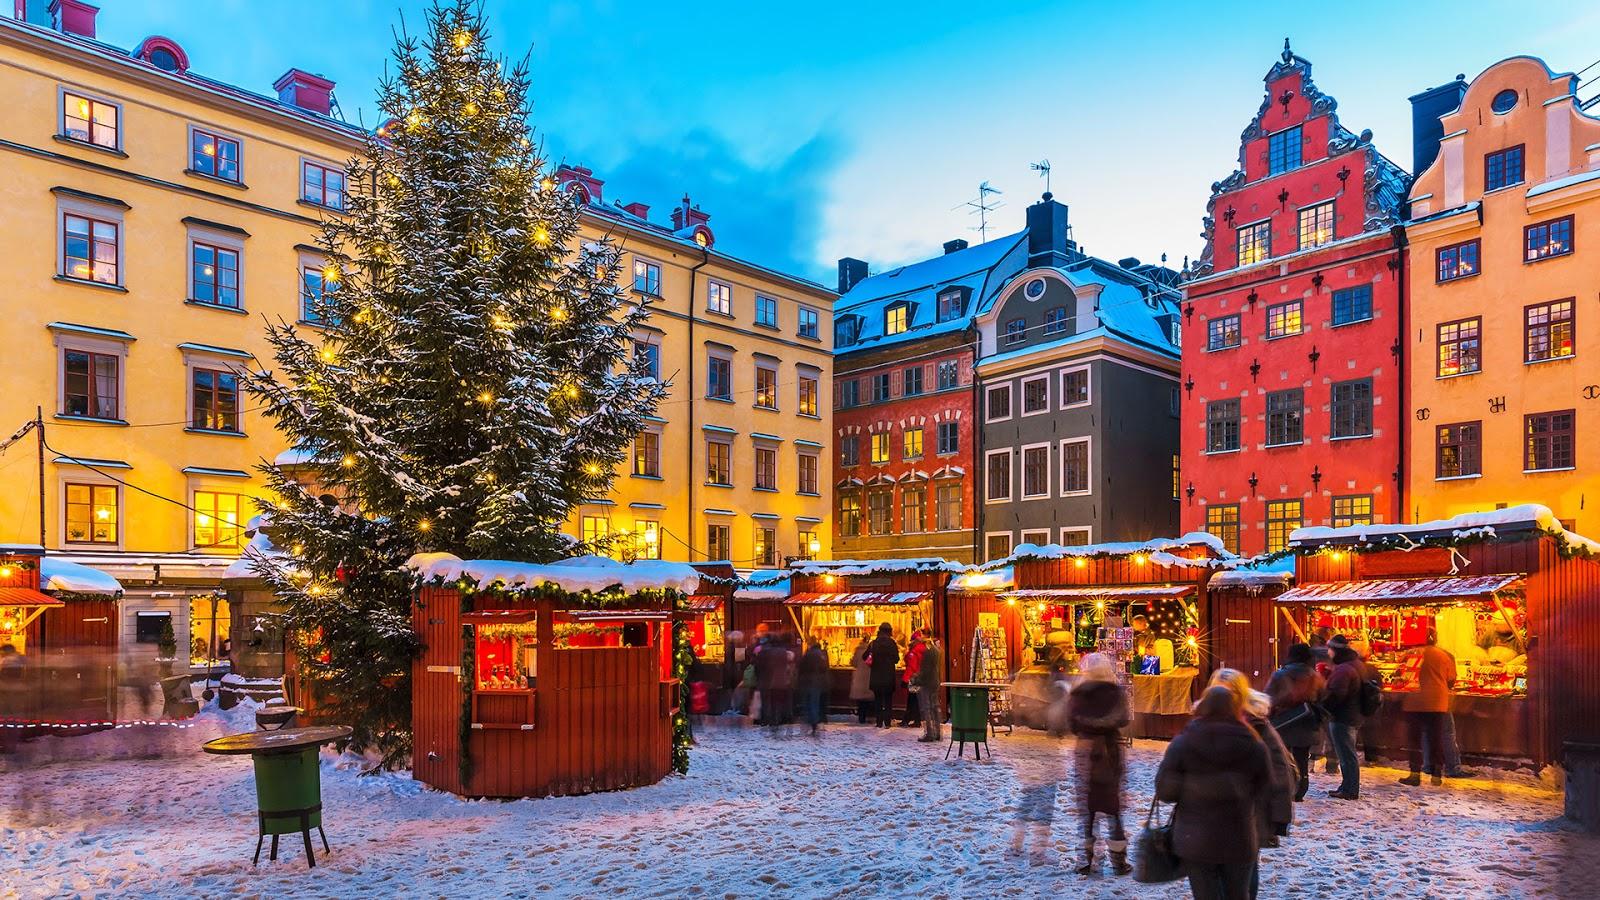 его туры в скандинавию на новый год фото такому выводу